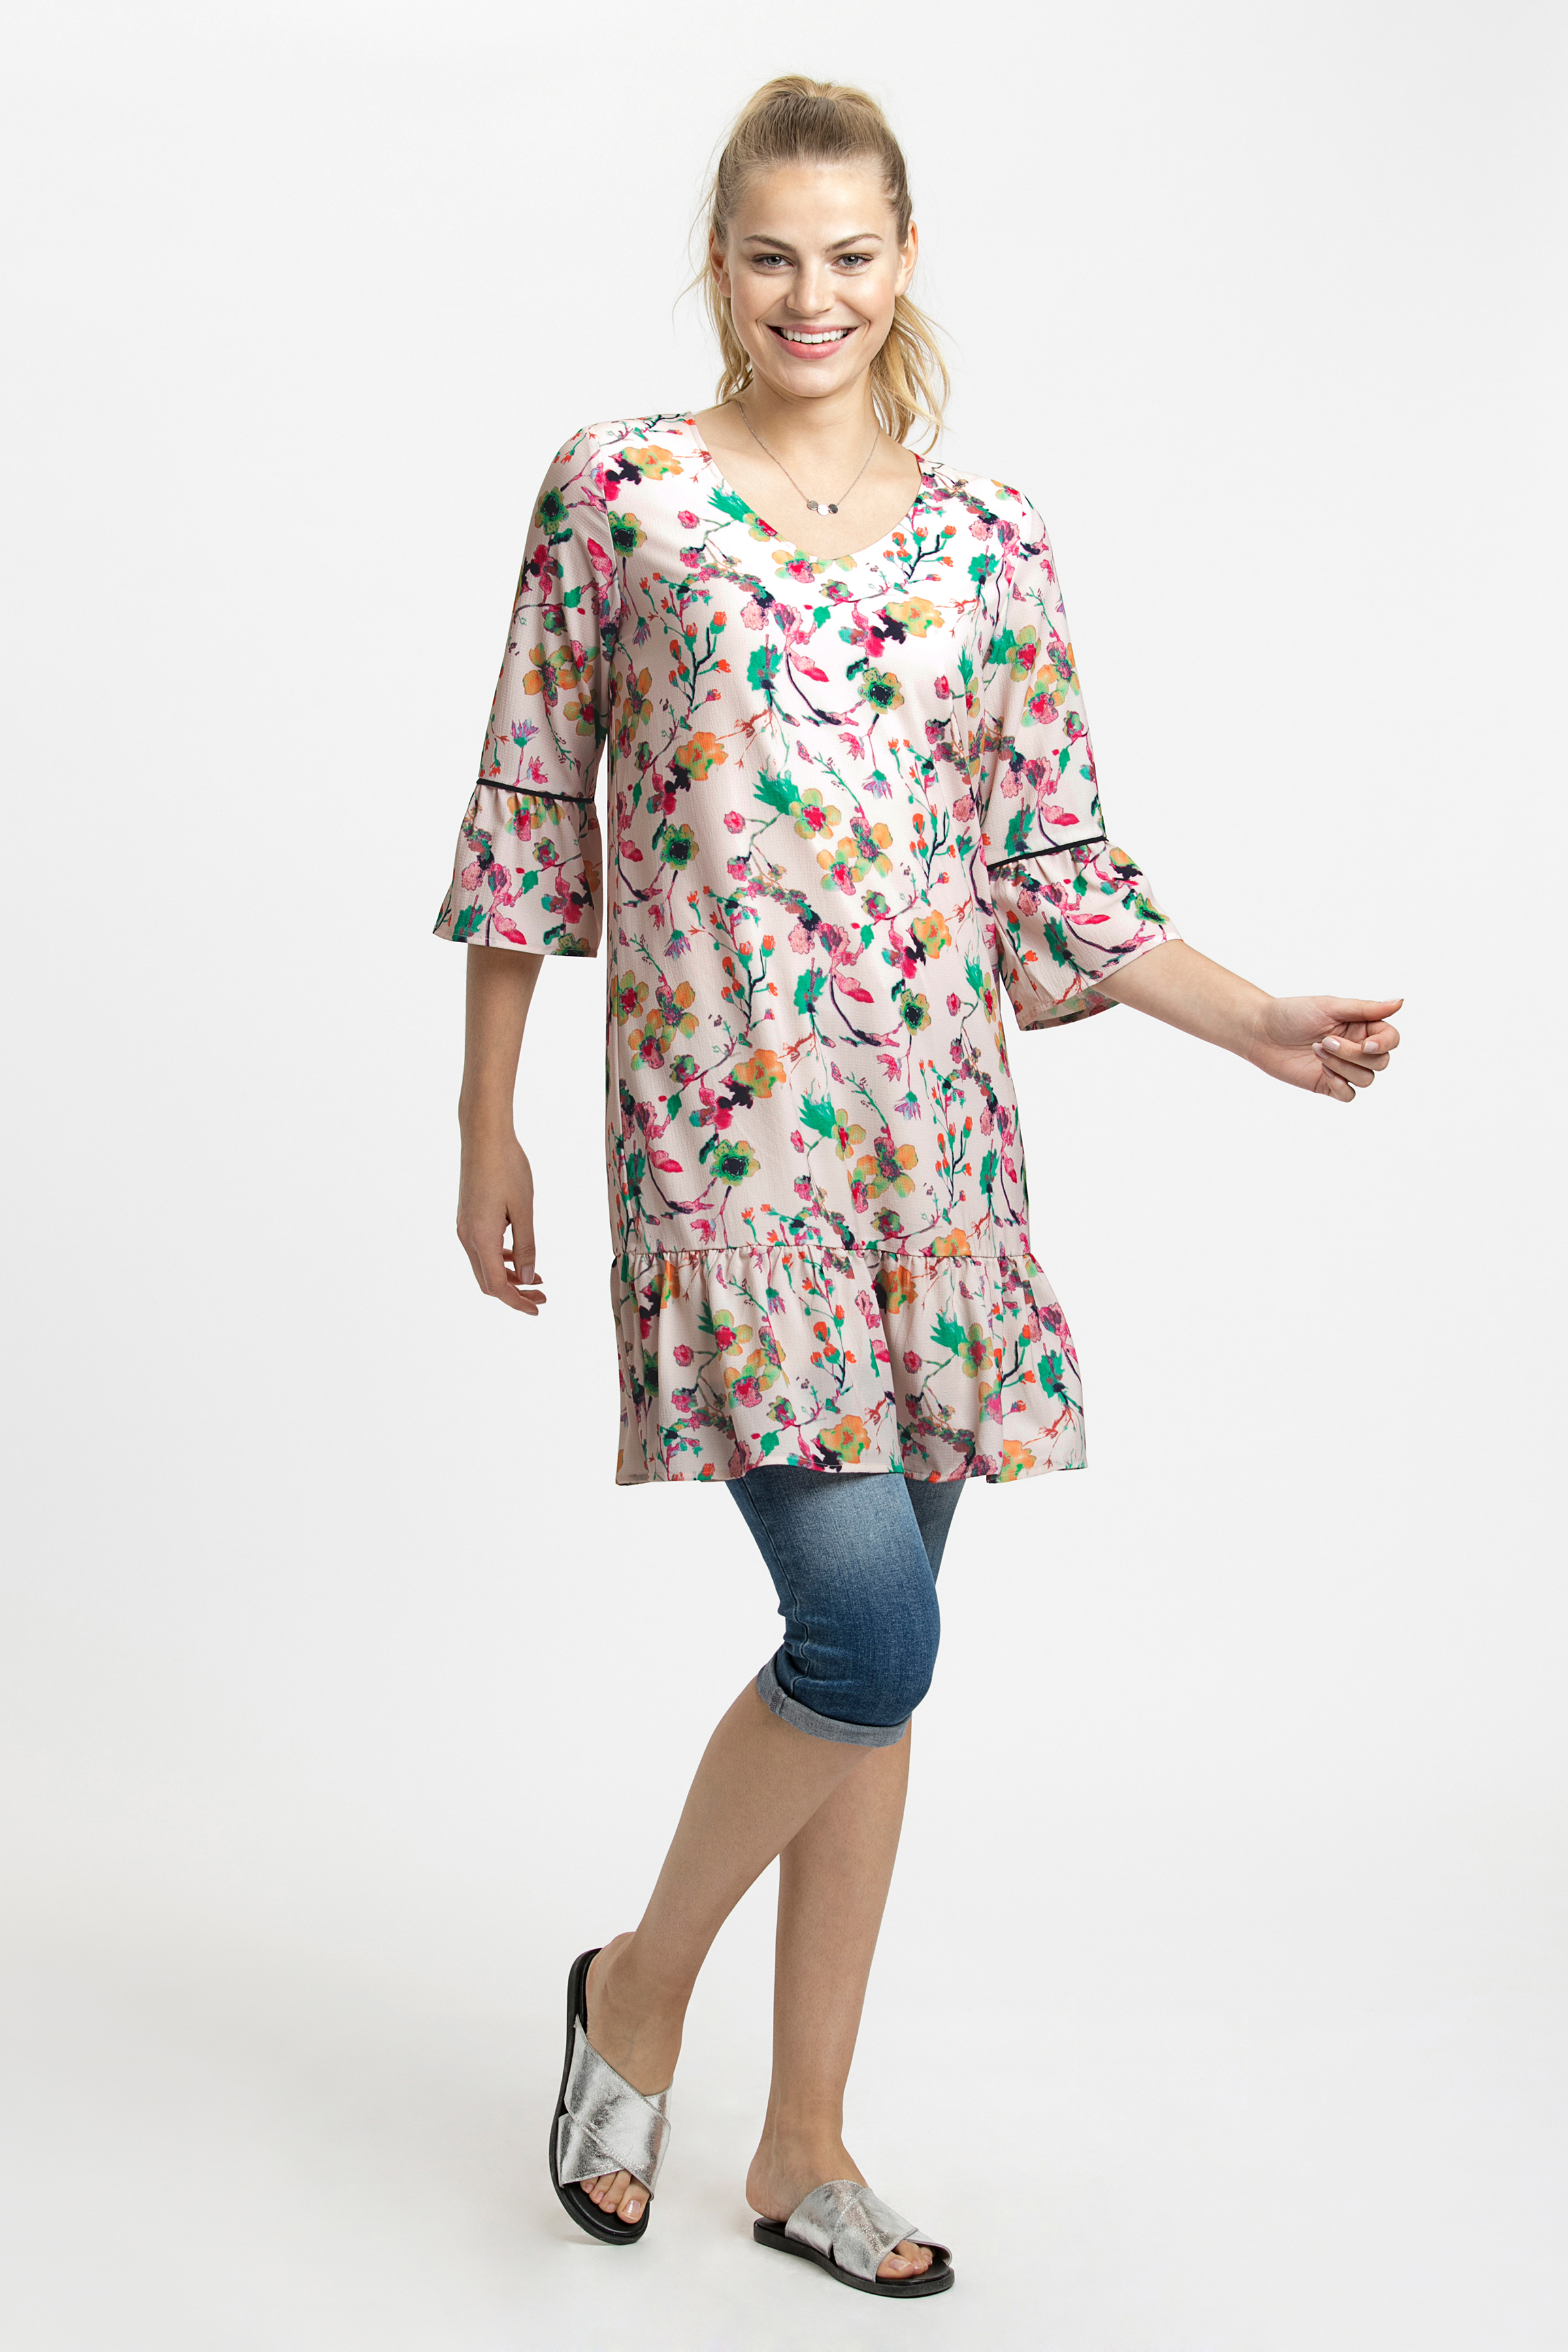 Rosa/grün Kleid von Kaffe – Shoppen Sie Rosa/grün Kleid ab Gr. 34-46 hier